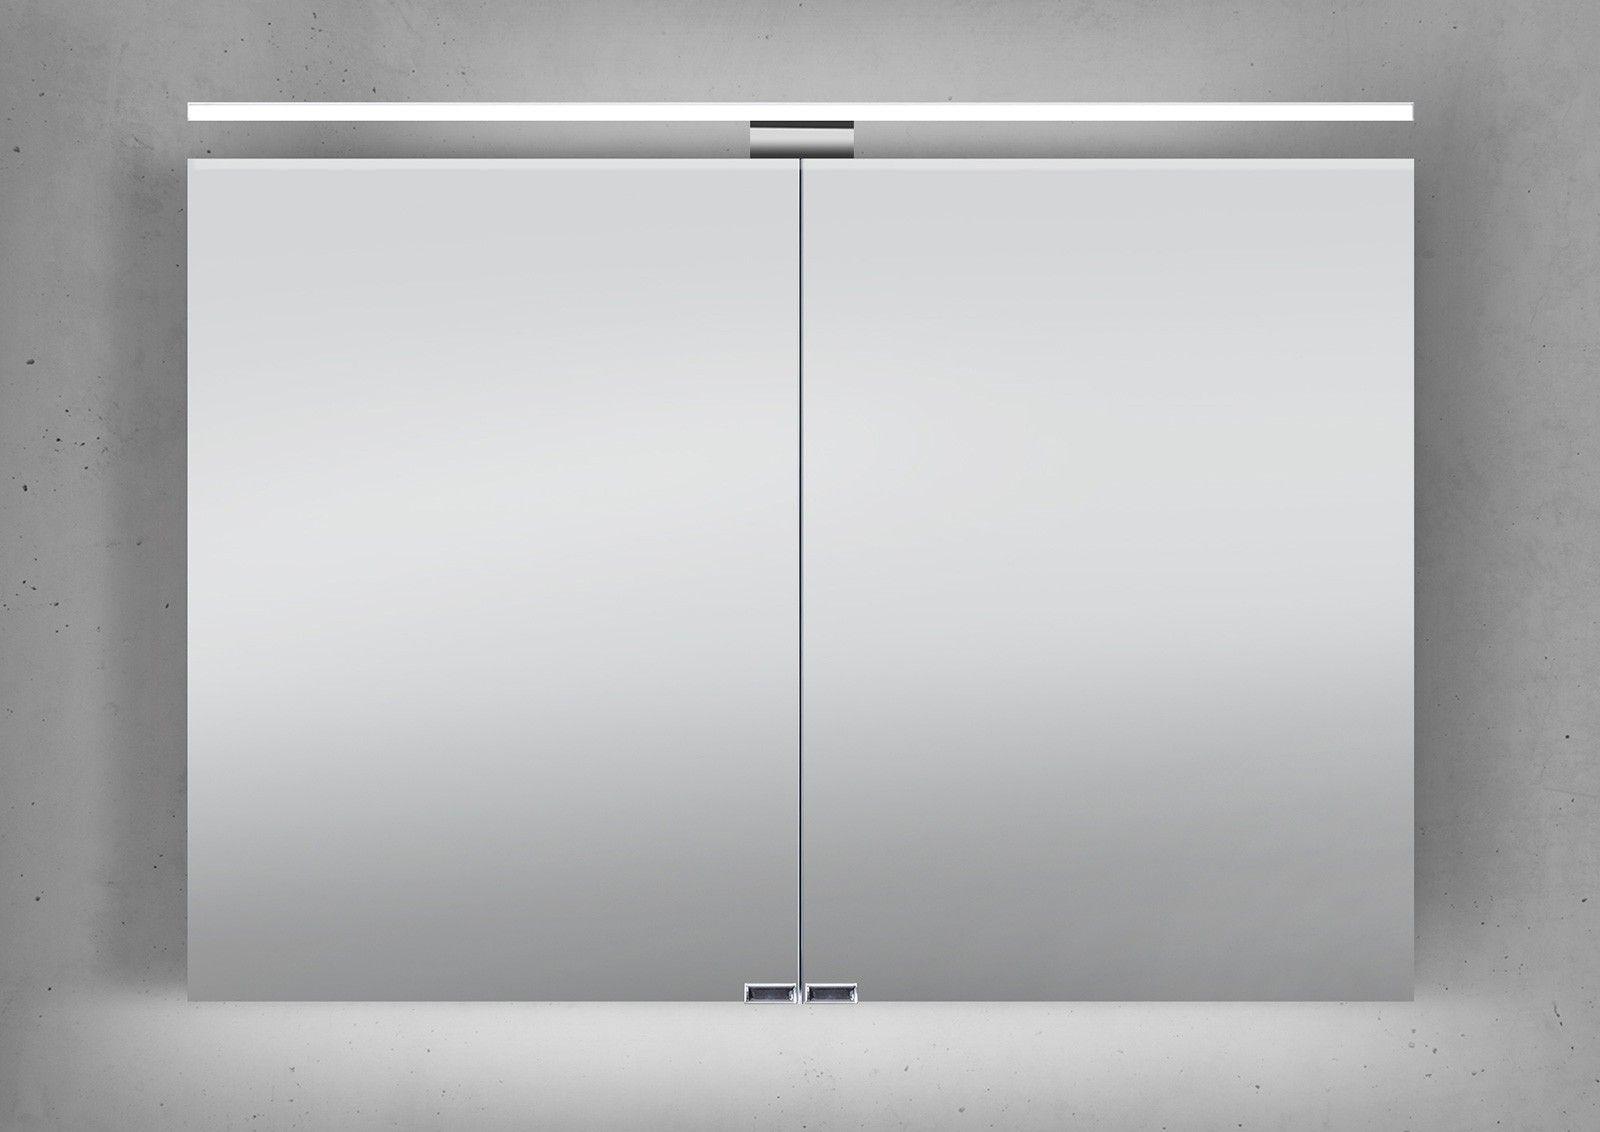 spiegelschrank bad 80 cm led beleuchtung doppelt verspiegelt spiegelschrank online kaufen. Black Bedroom Furniture Sets. Home Design Ideas